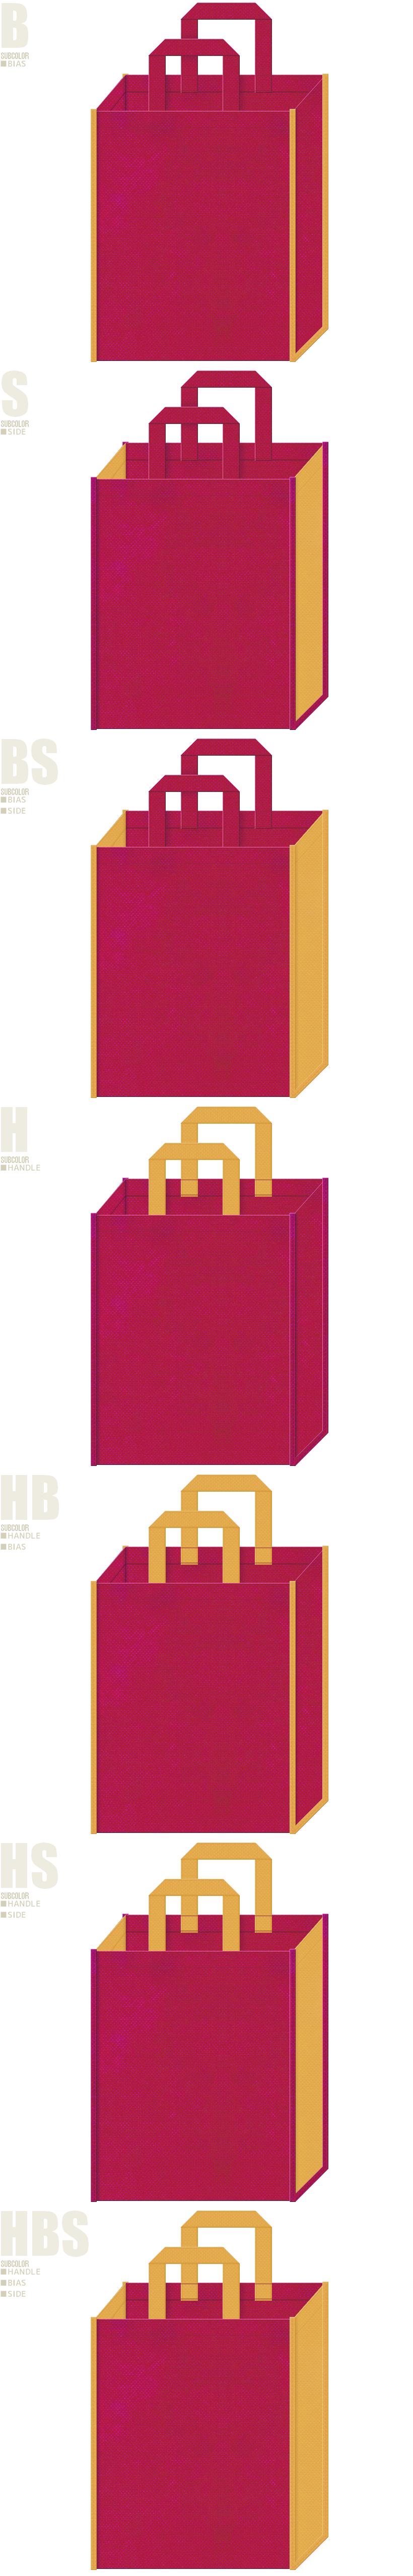 南国・トロピカル・フルーツカクテル・リゾート・トラベルバッグ・ゲーム・絵本・おとぎ話・お菓子の家・プリンセス・テーマパークにお奨めの不織布バッグデザイン:濃いピンク色と黄土色の配色7パターン